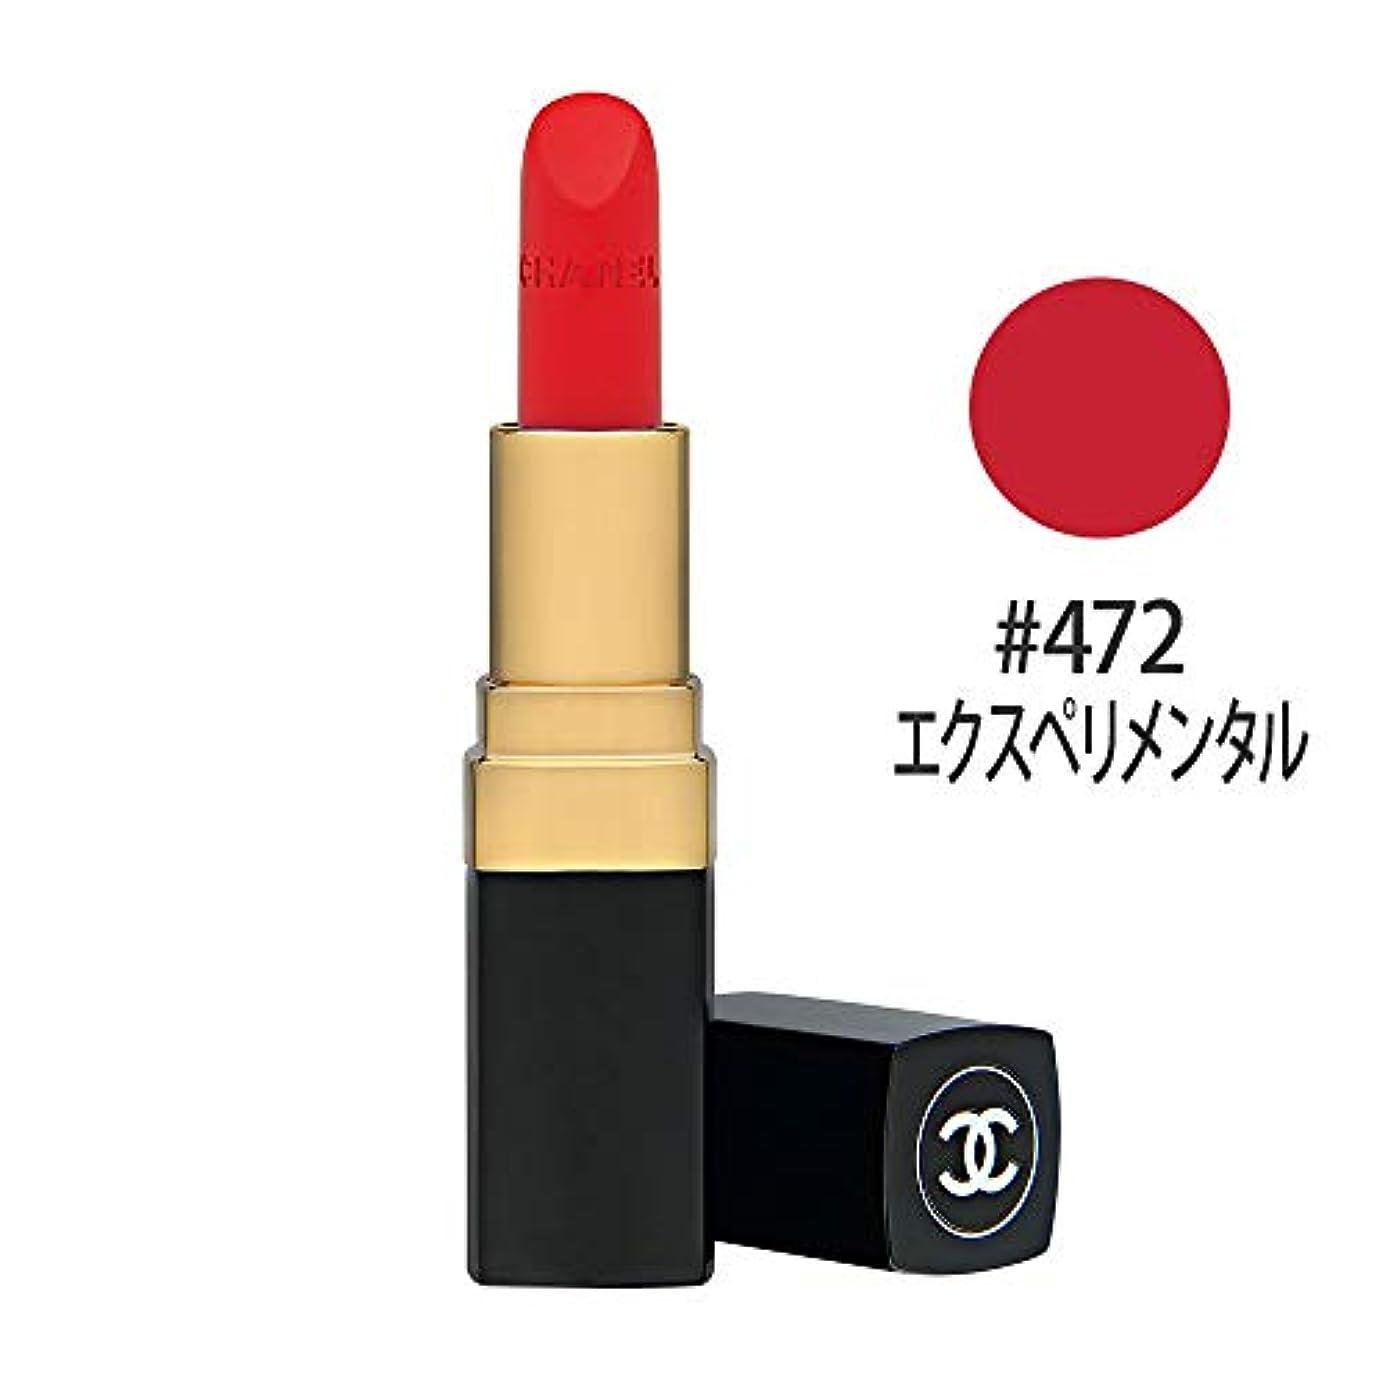 日必需品コール【シャネル】ルージュ ココ #472 エクスペリメンタル 3.5g [並行輸入品]